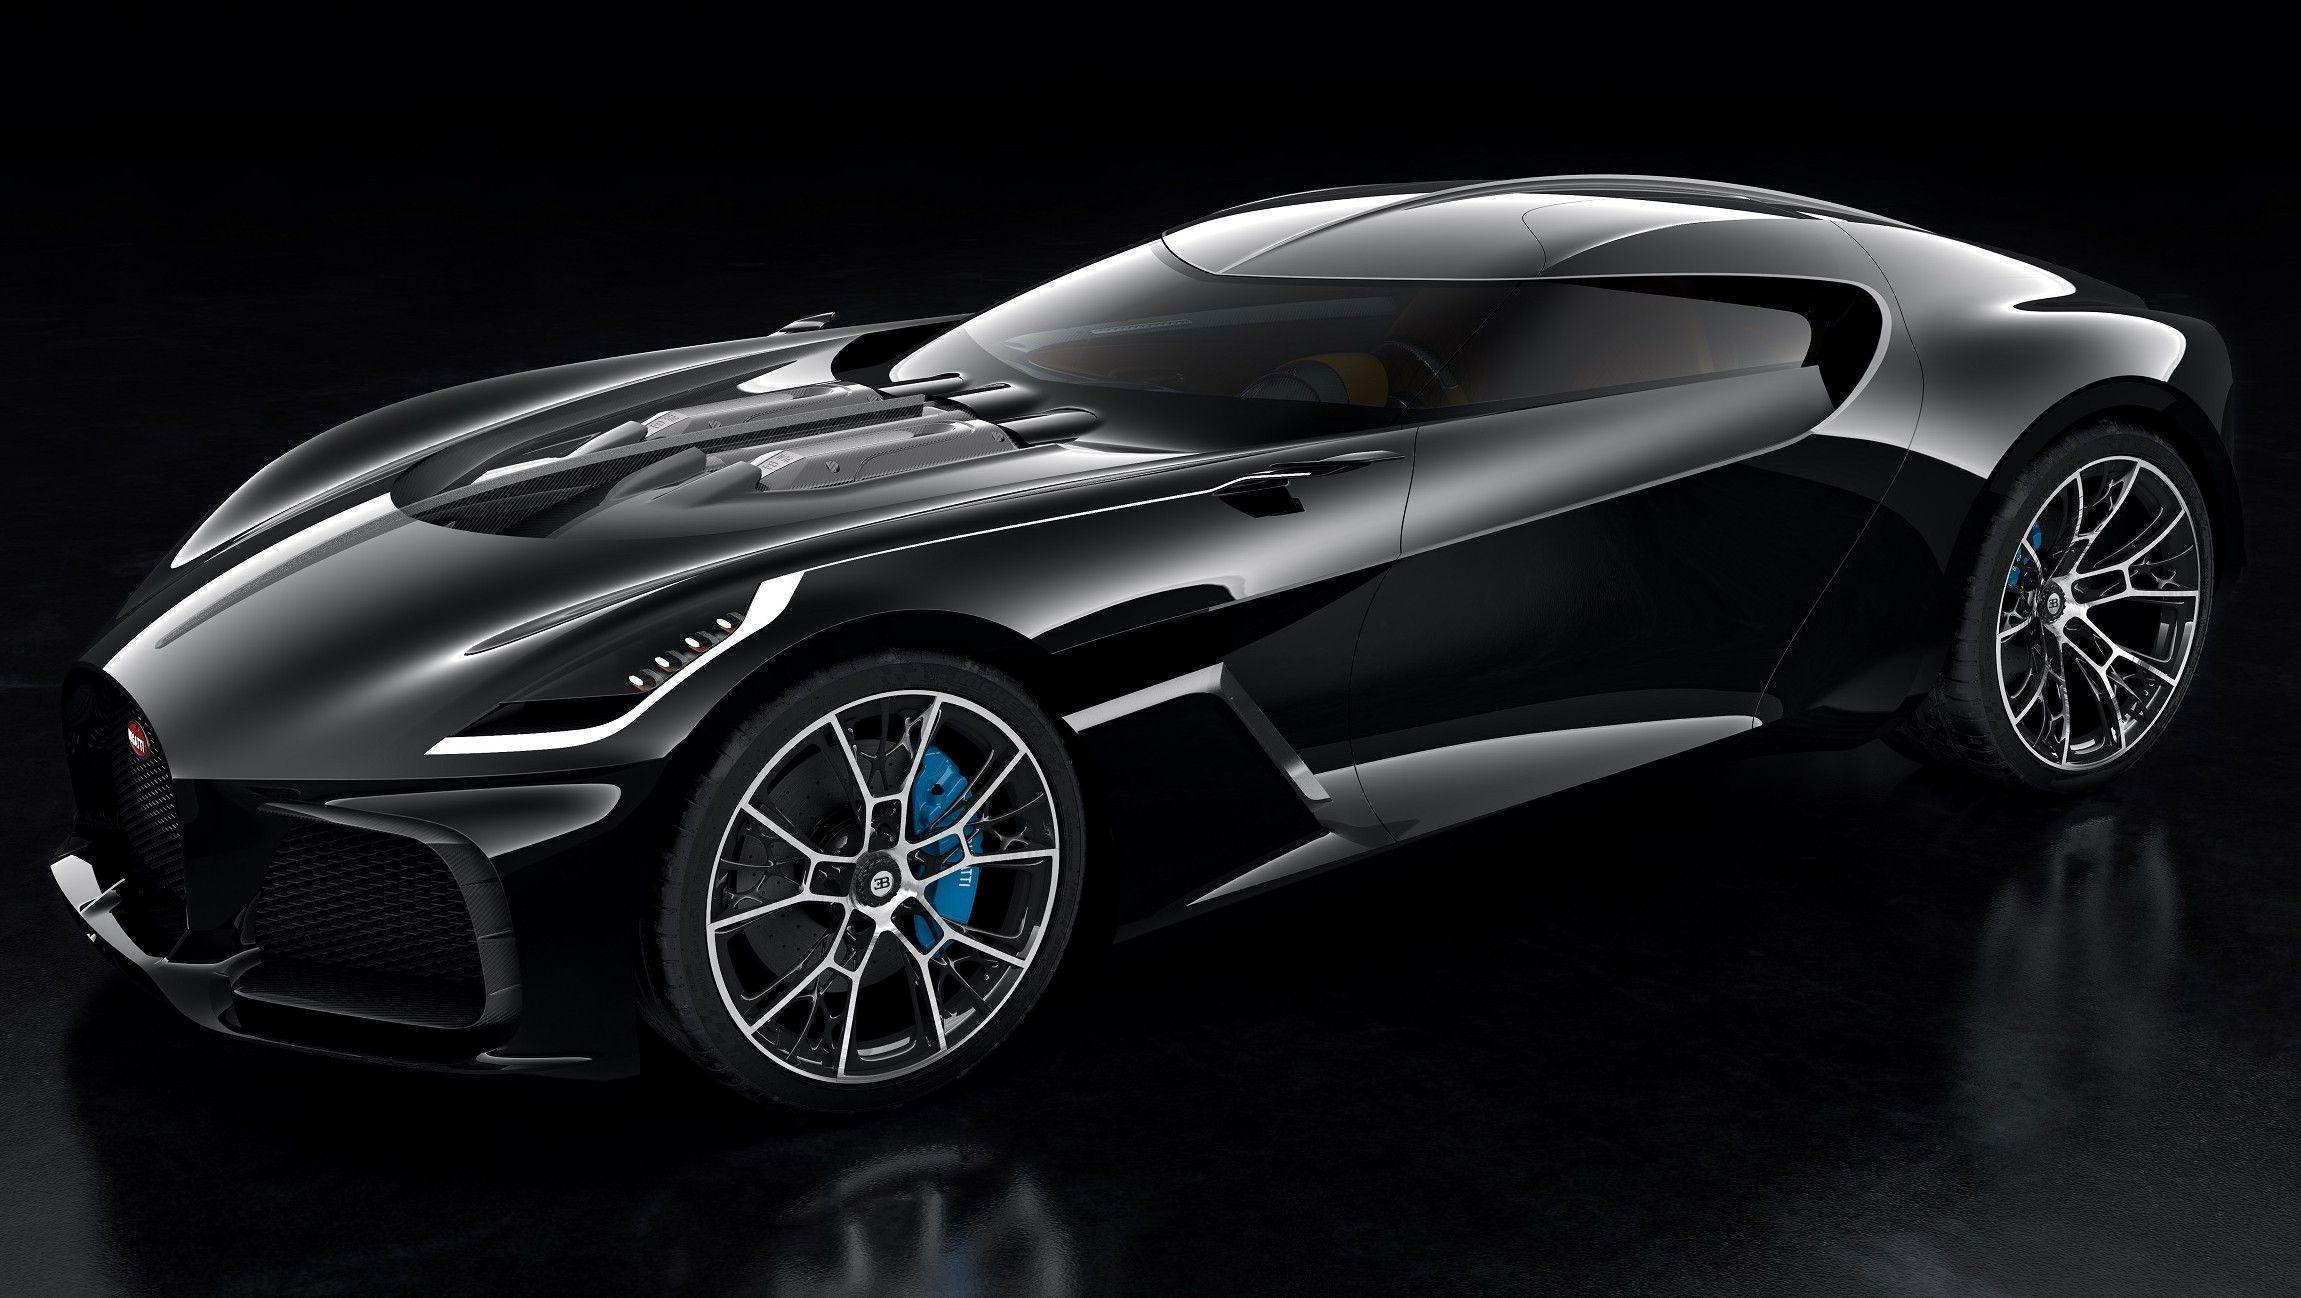 #Bugatti #ConceptCar #W16 #Coupe #Atlantic